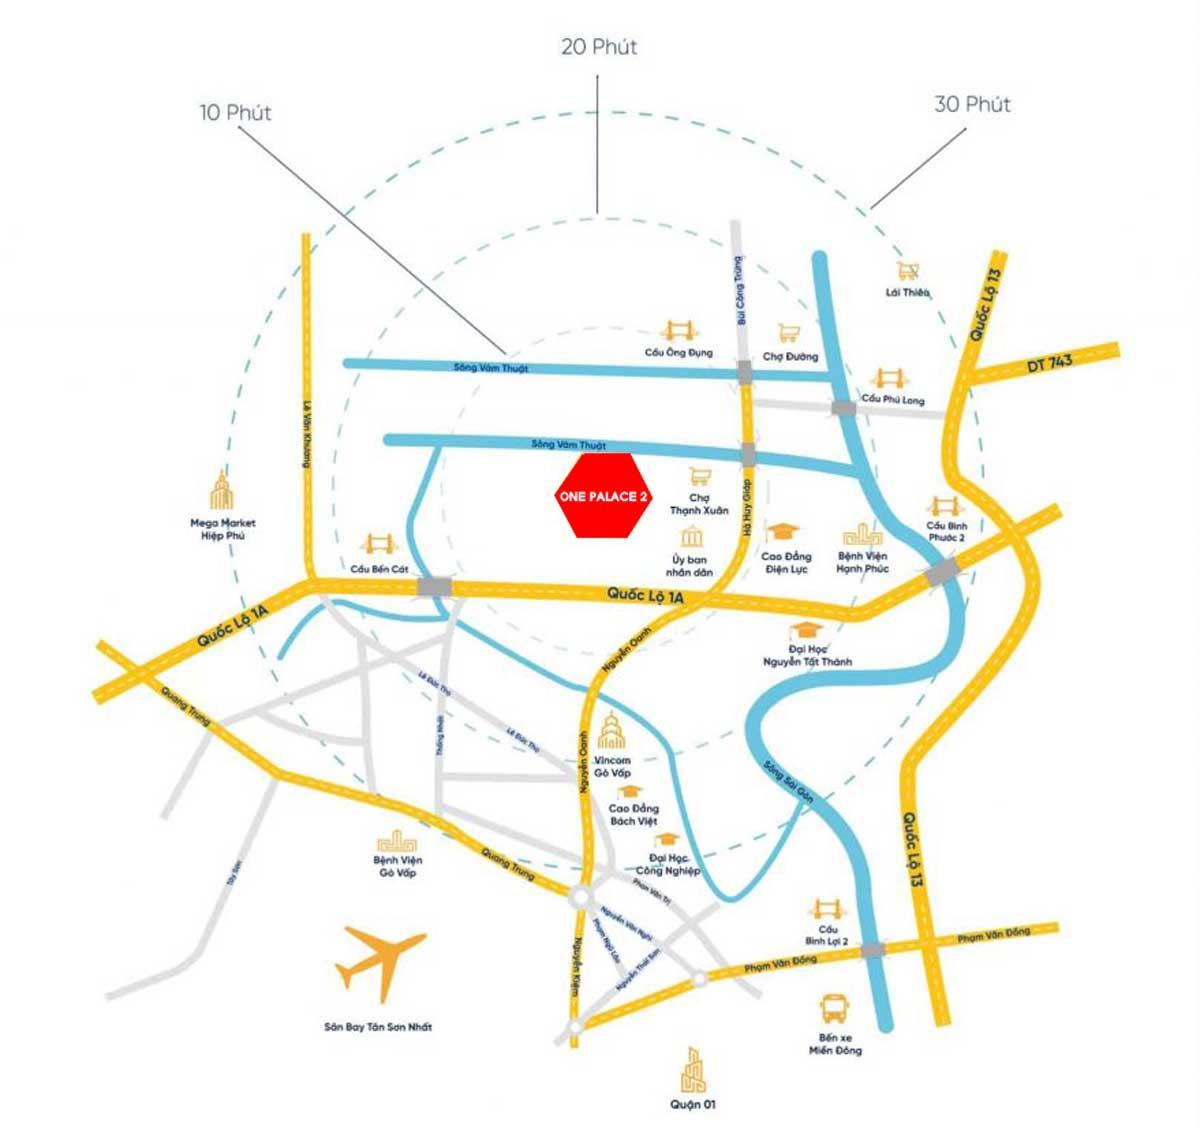 Vi tri Khu nha pho thuong mai One Palace 2 Quan 12 - Vị-trí-Khu-nhà-phố-thương-mại-One-Palace-2-Quận-12